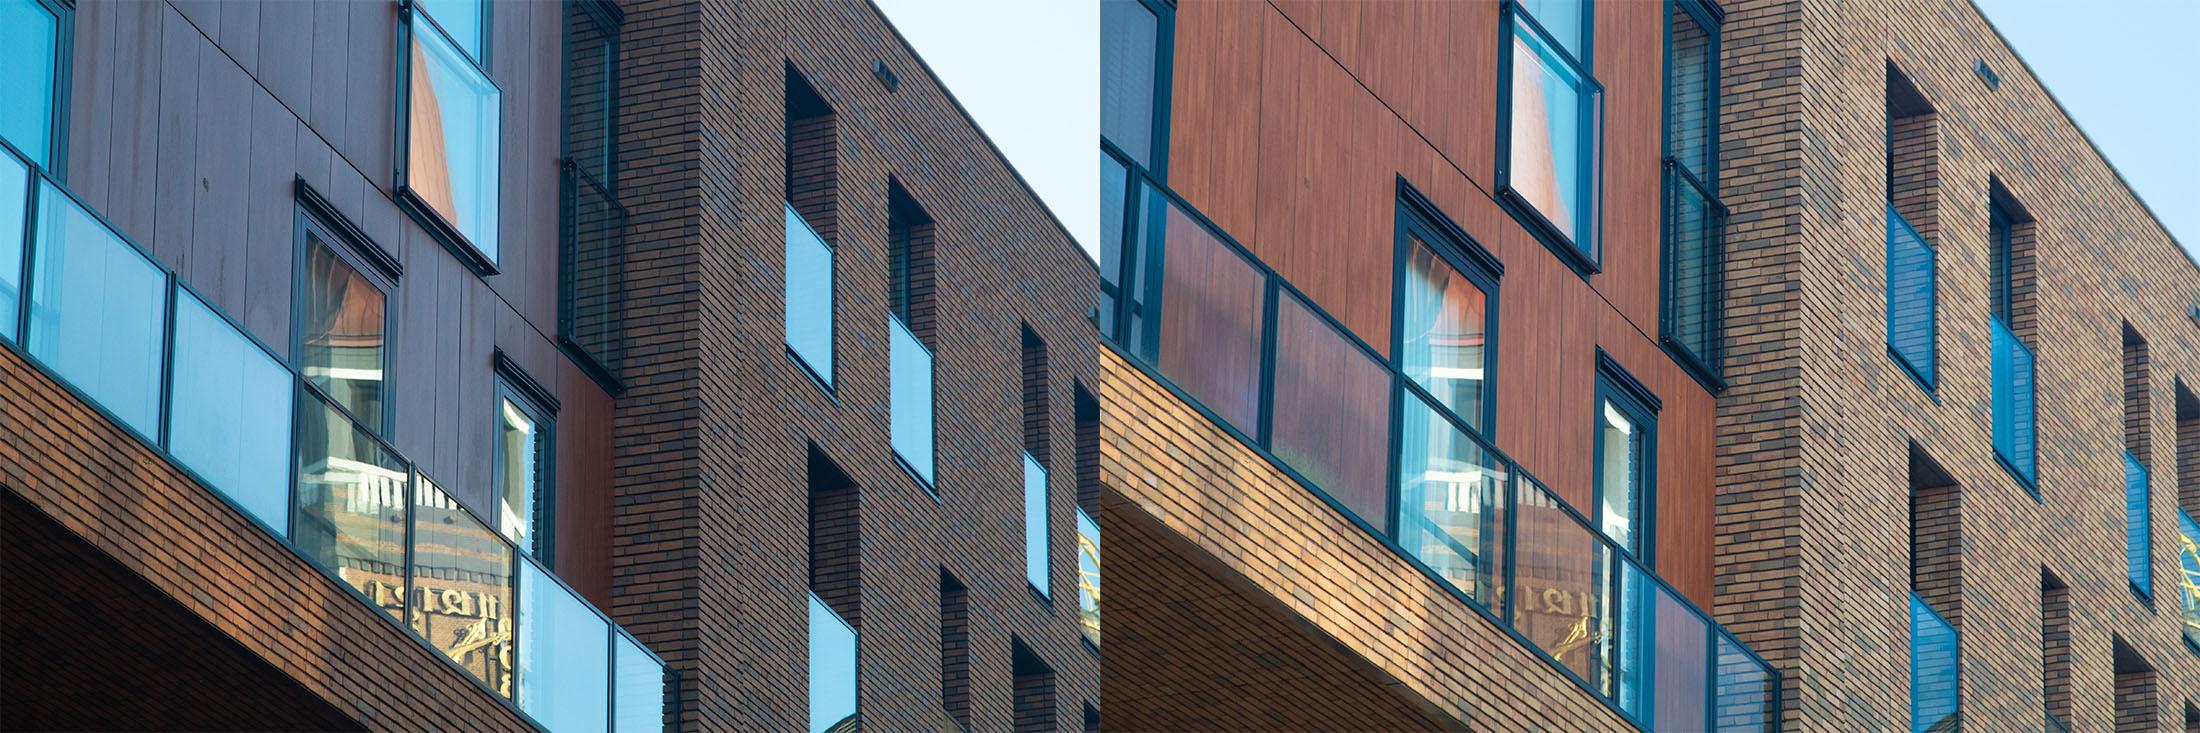 Een foto waarbij de reflecties zichtbaar zijn en eentje waarbij de reflecties door een polarisatiefilter verholpen zijn